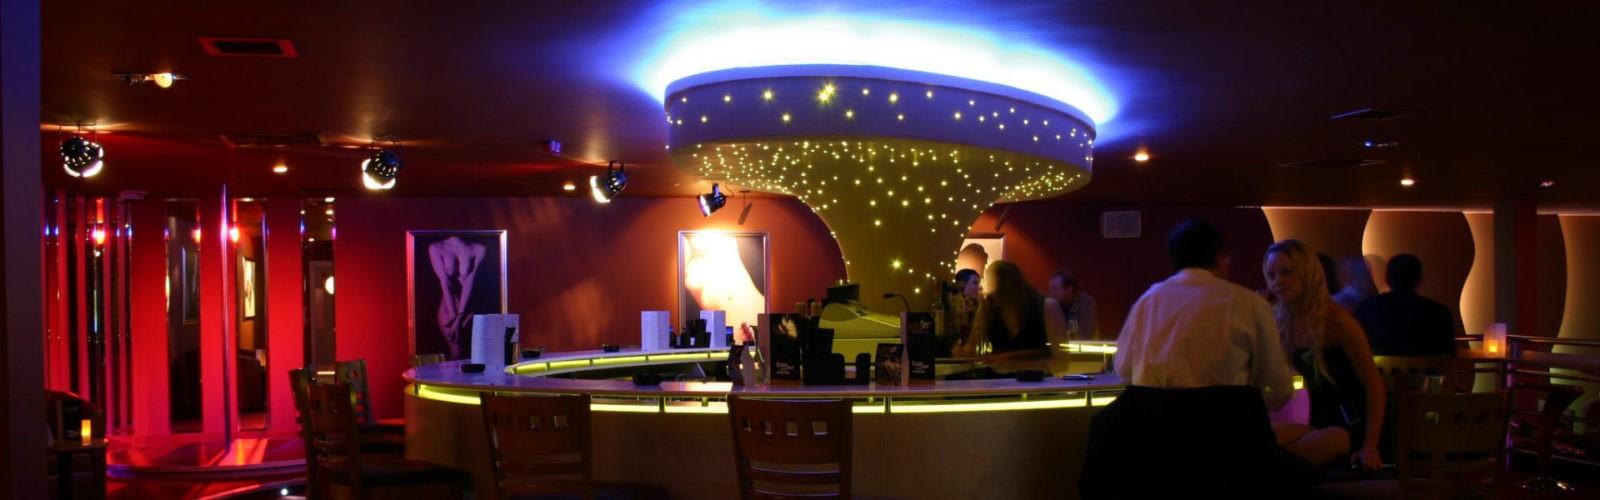 Katzclub Lapdancing Basildon